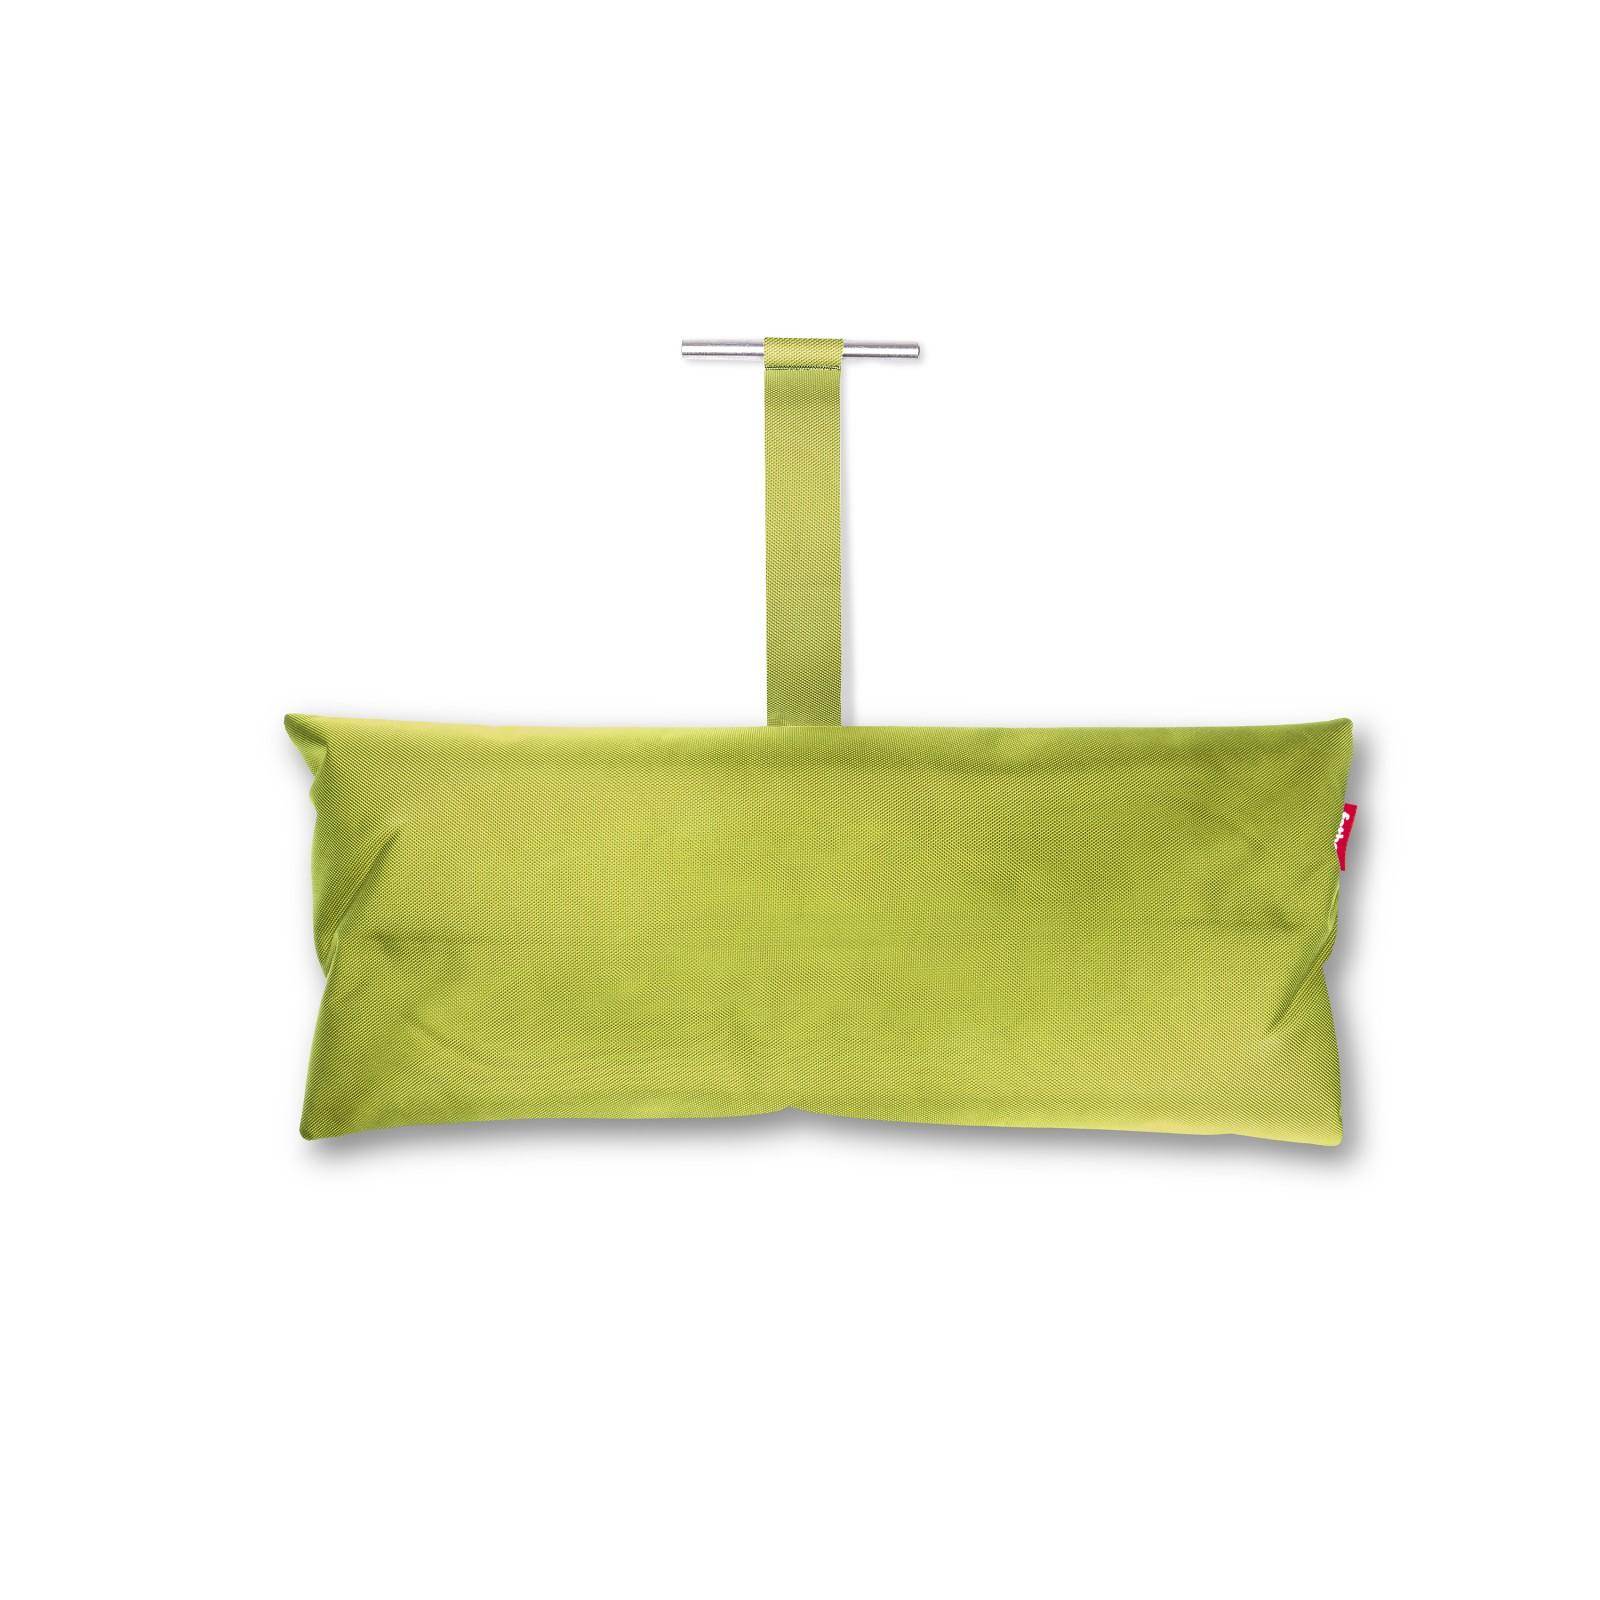 Headdemock Pillow Lime Green